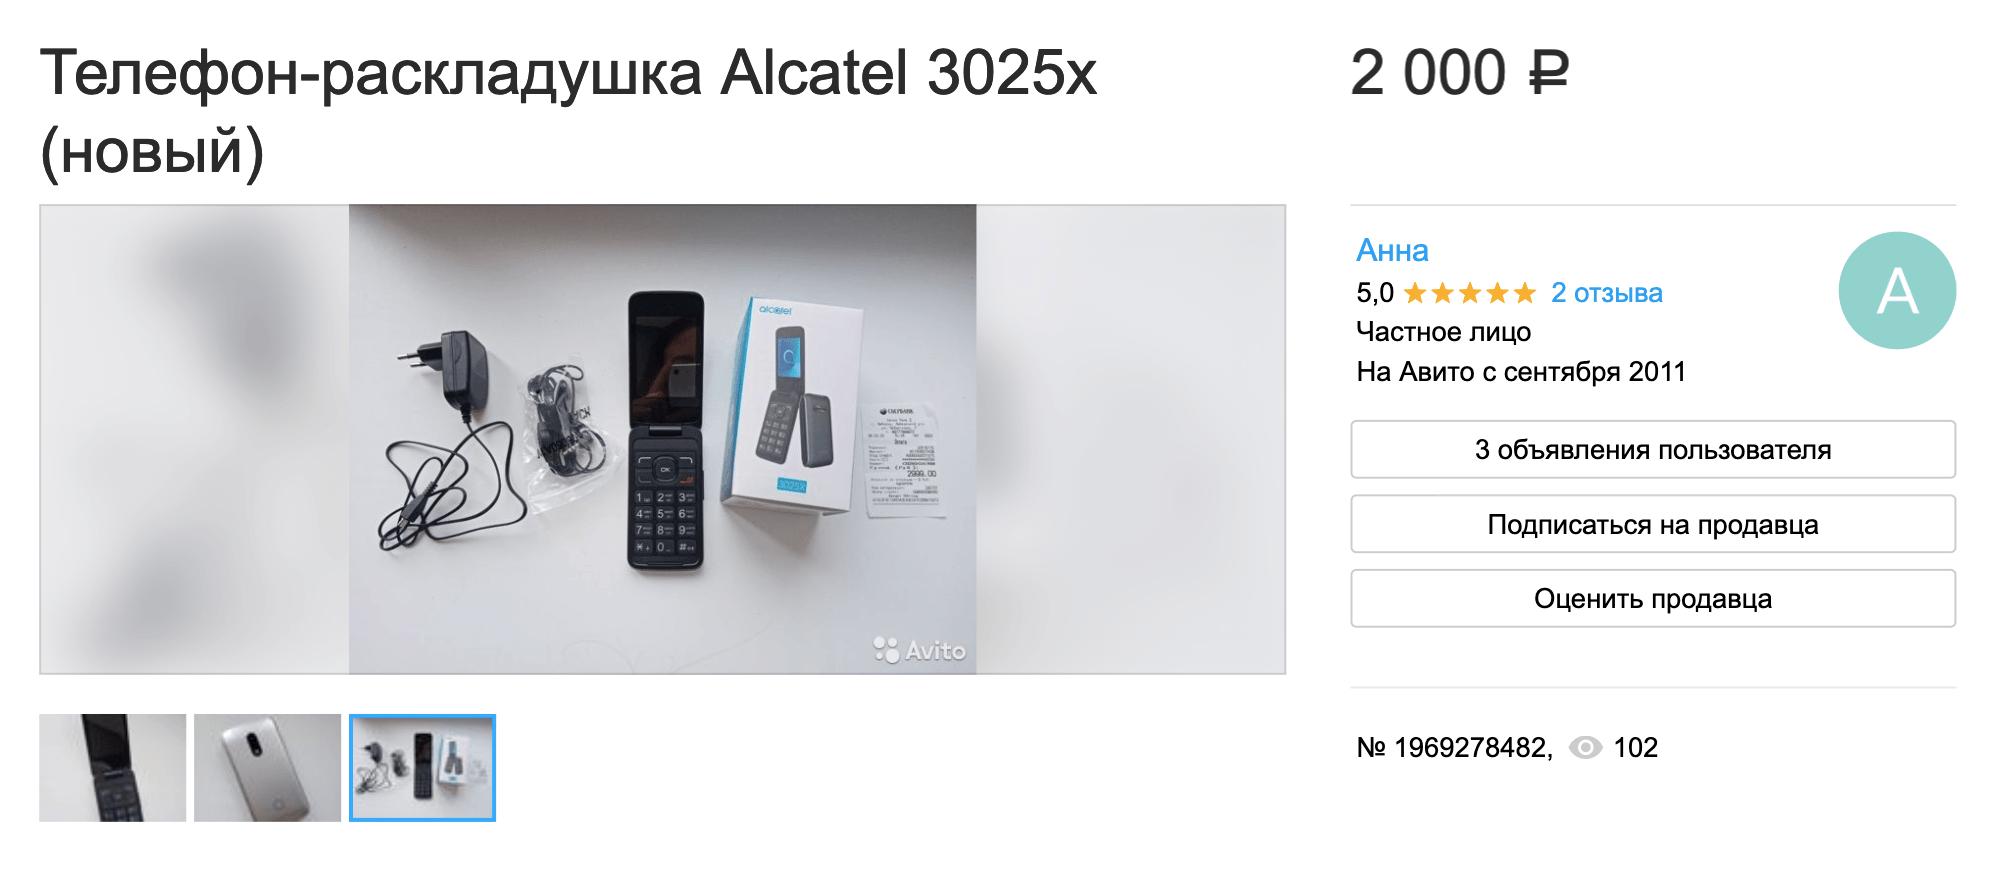 На случай продажи я всегда сохраняю чек и коробку и показываю их в объявлении. Этот телефон в магазине стоил 3000<span class=ruble>Р</span>, но я выставила его за 2000<span class=ruble>Р</span>. Он был почти новый, но я хотела продать быстрее. Ушел за десять дней